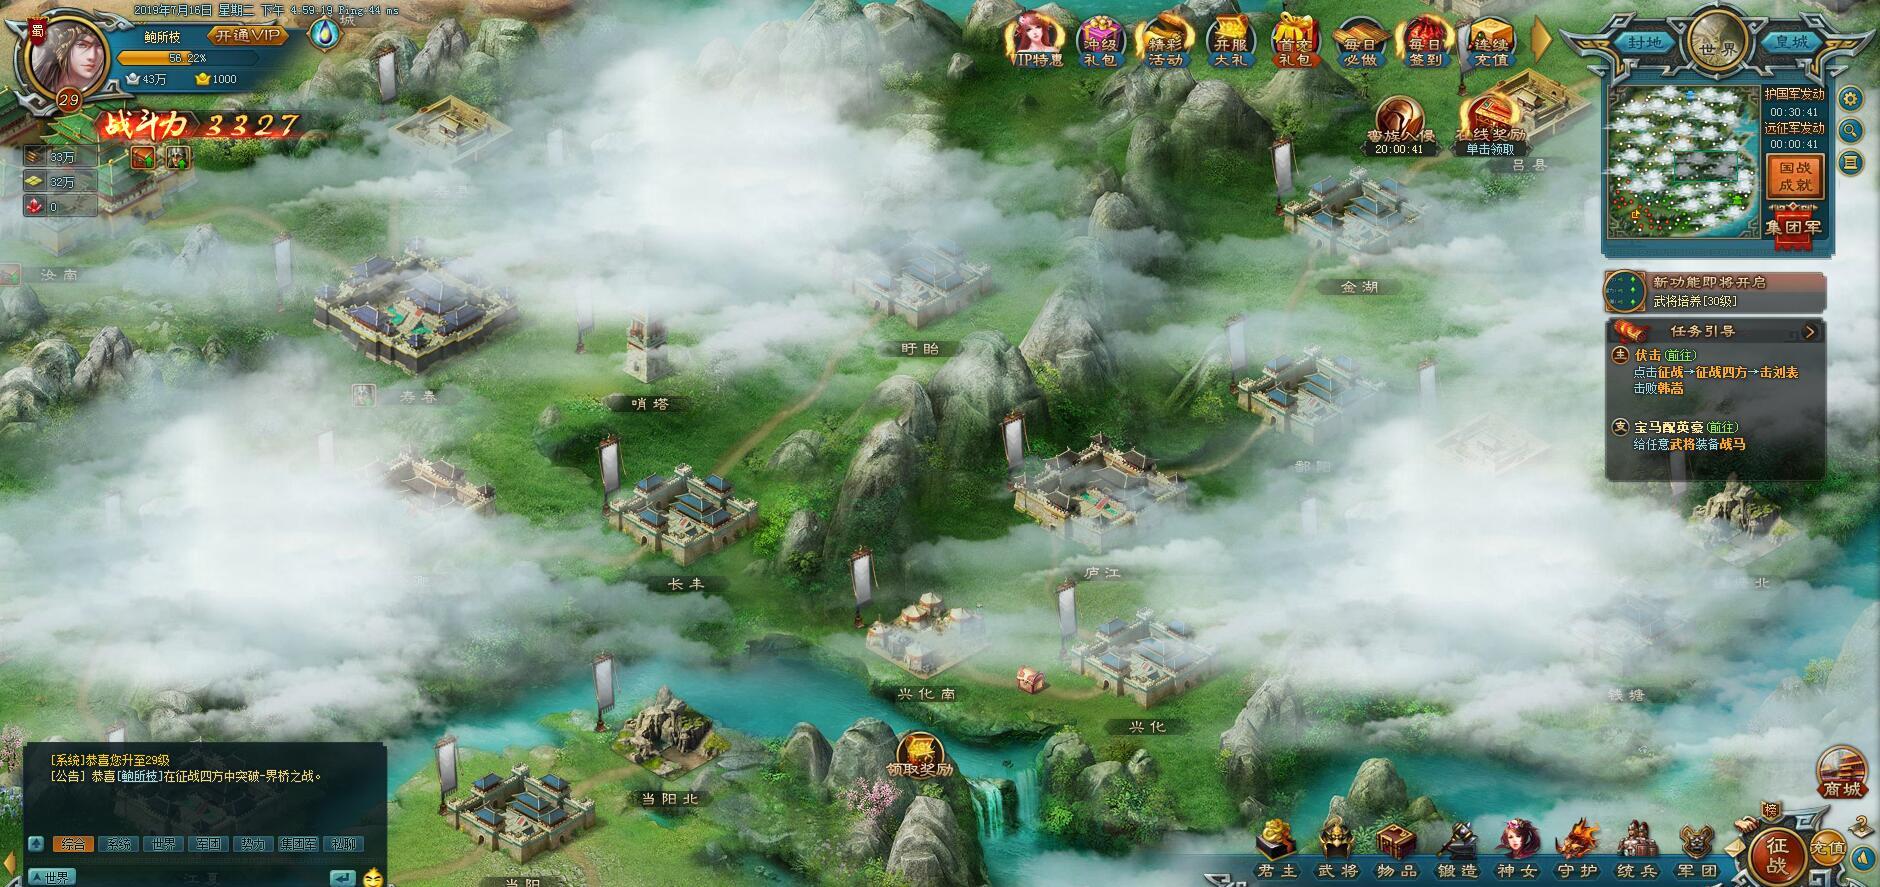 《三国无双志》游戏截图